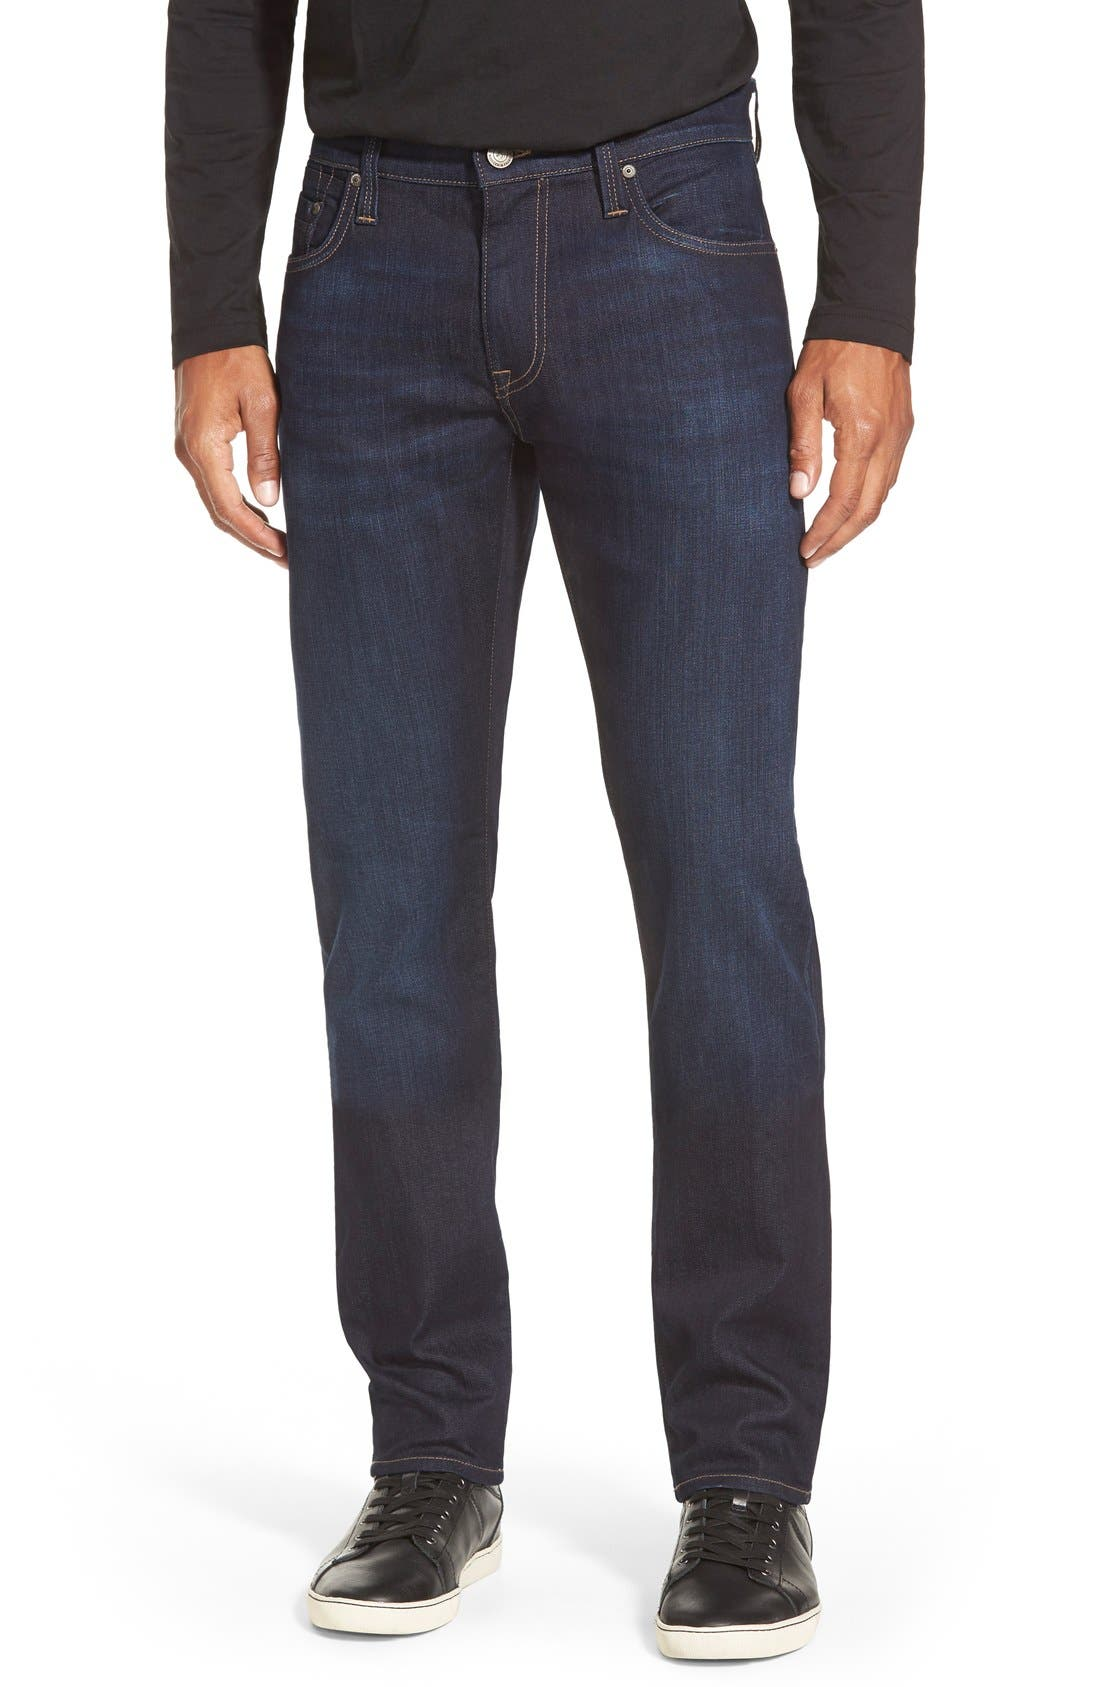 Men's Mavi Jeans 'Jake' Skinny Fit Jeans